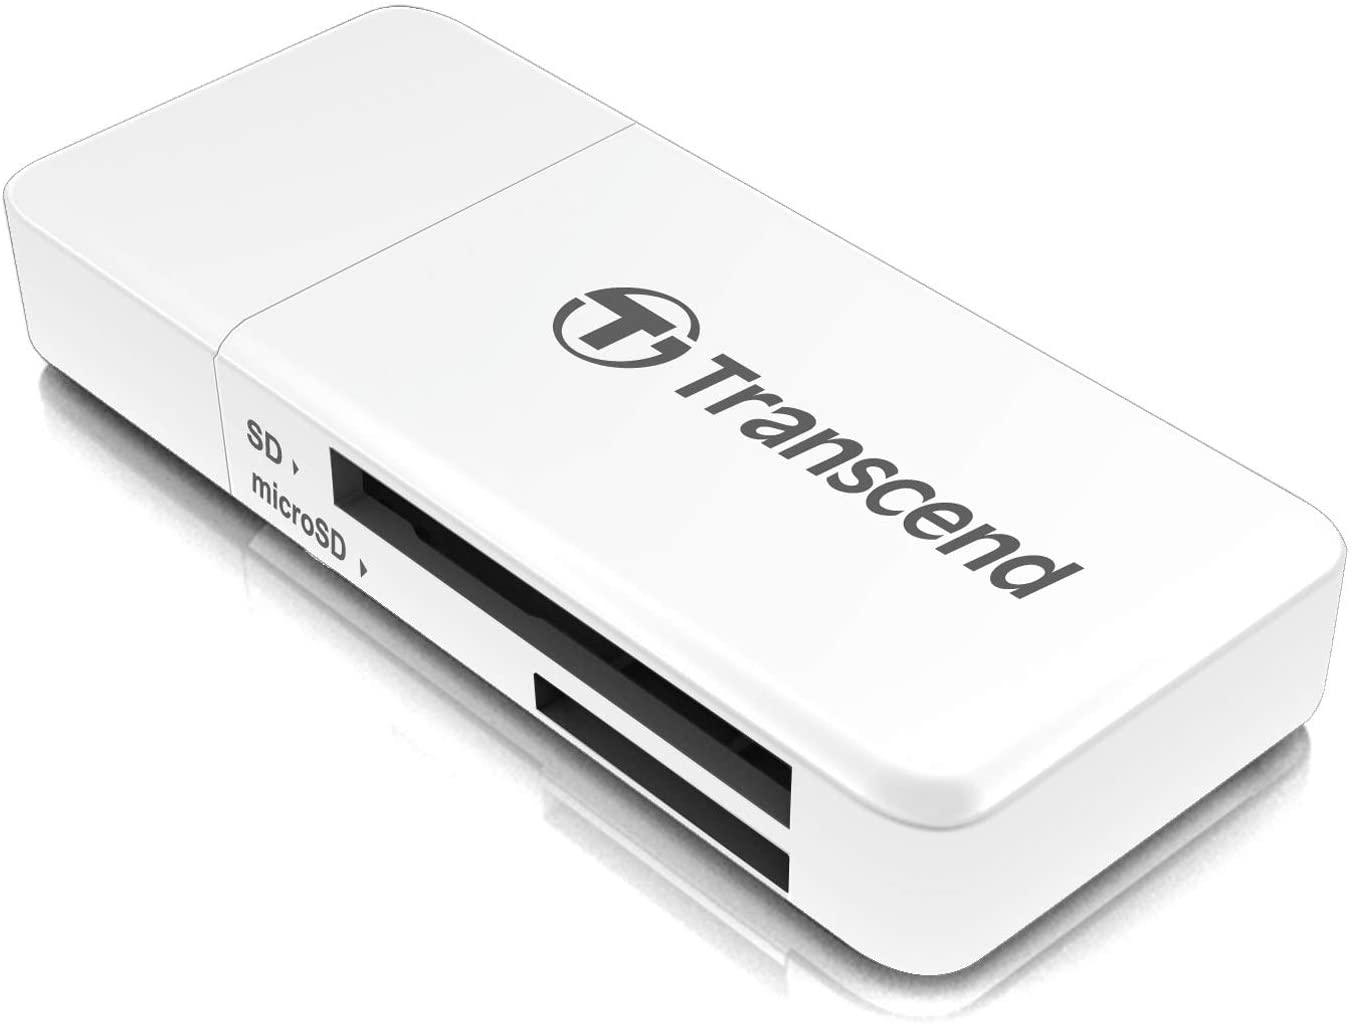 LEITOR DE CARTÃO USB 3.0 CARD TRANSCEND